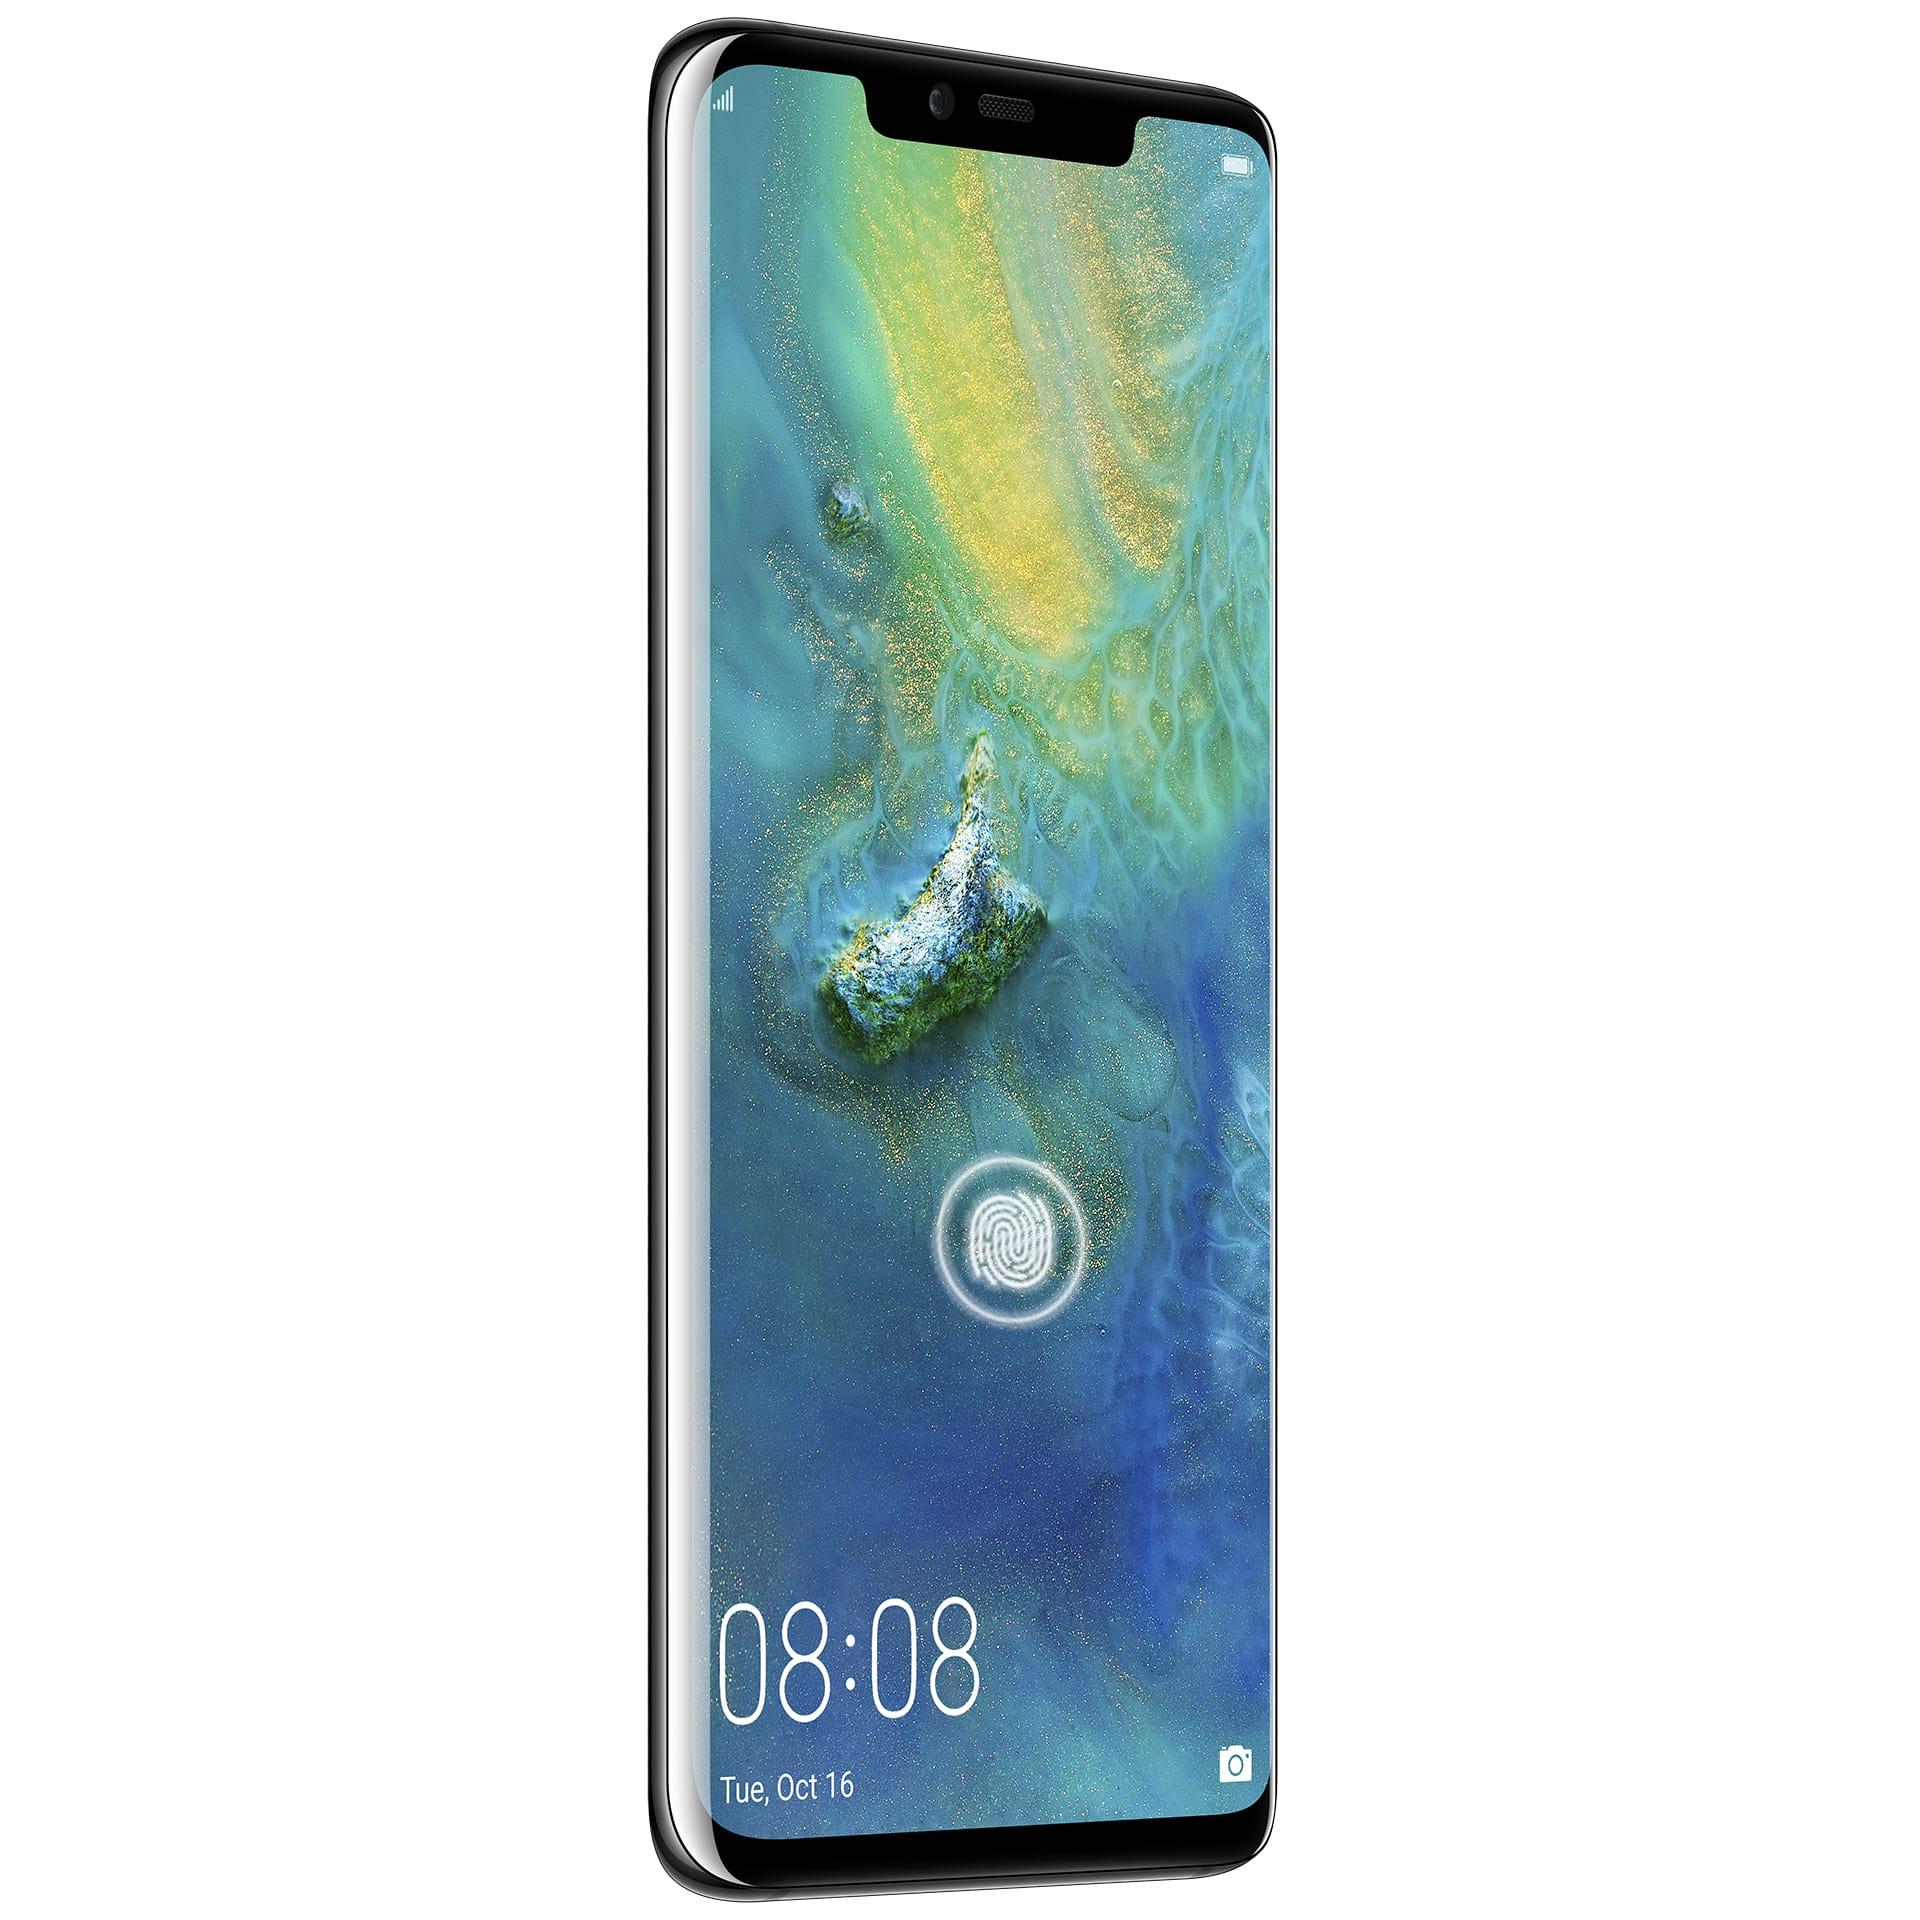 mobiiltelefon Huawei Mate 20 Pro Dual SIM (must)